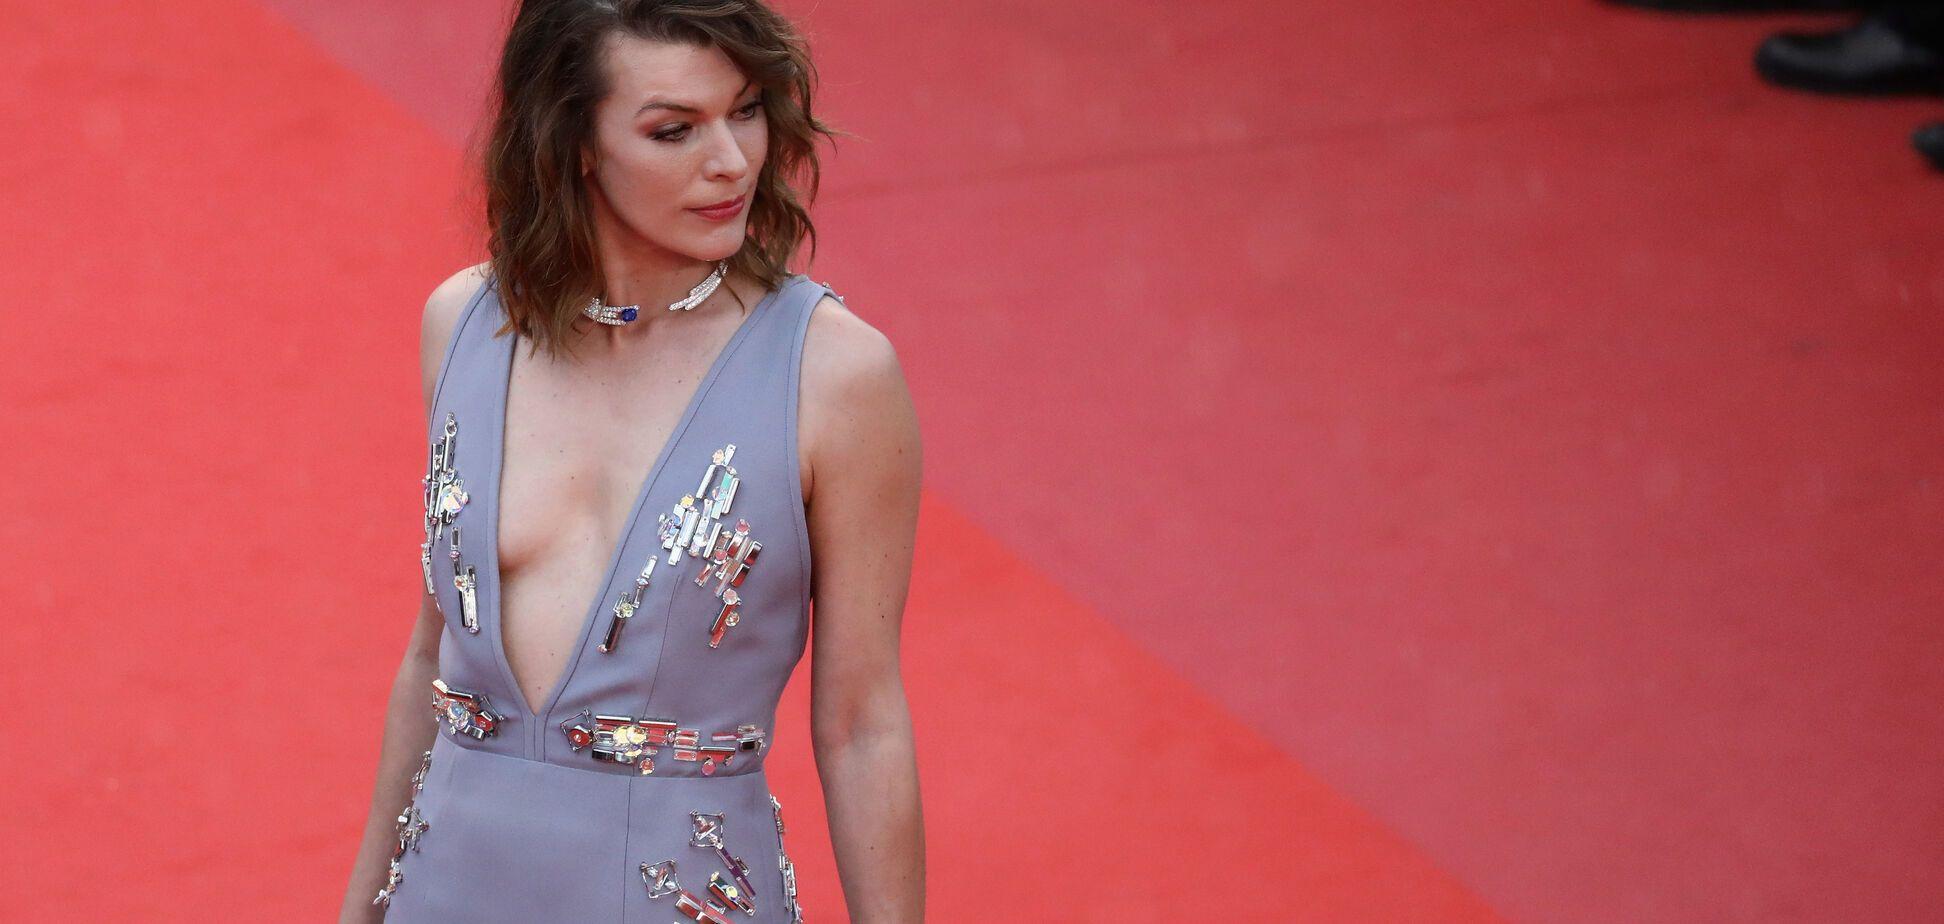 Мілла Йовович в сукні з глибоким декольте опинилася у центрі уваги у Каннах